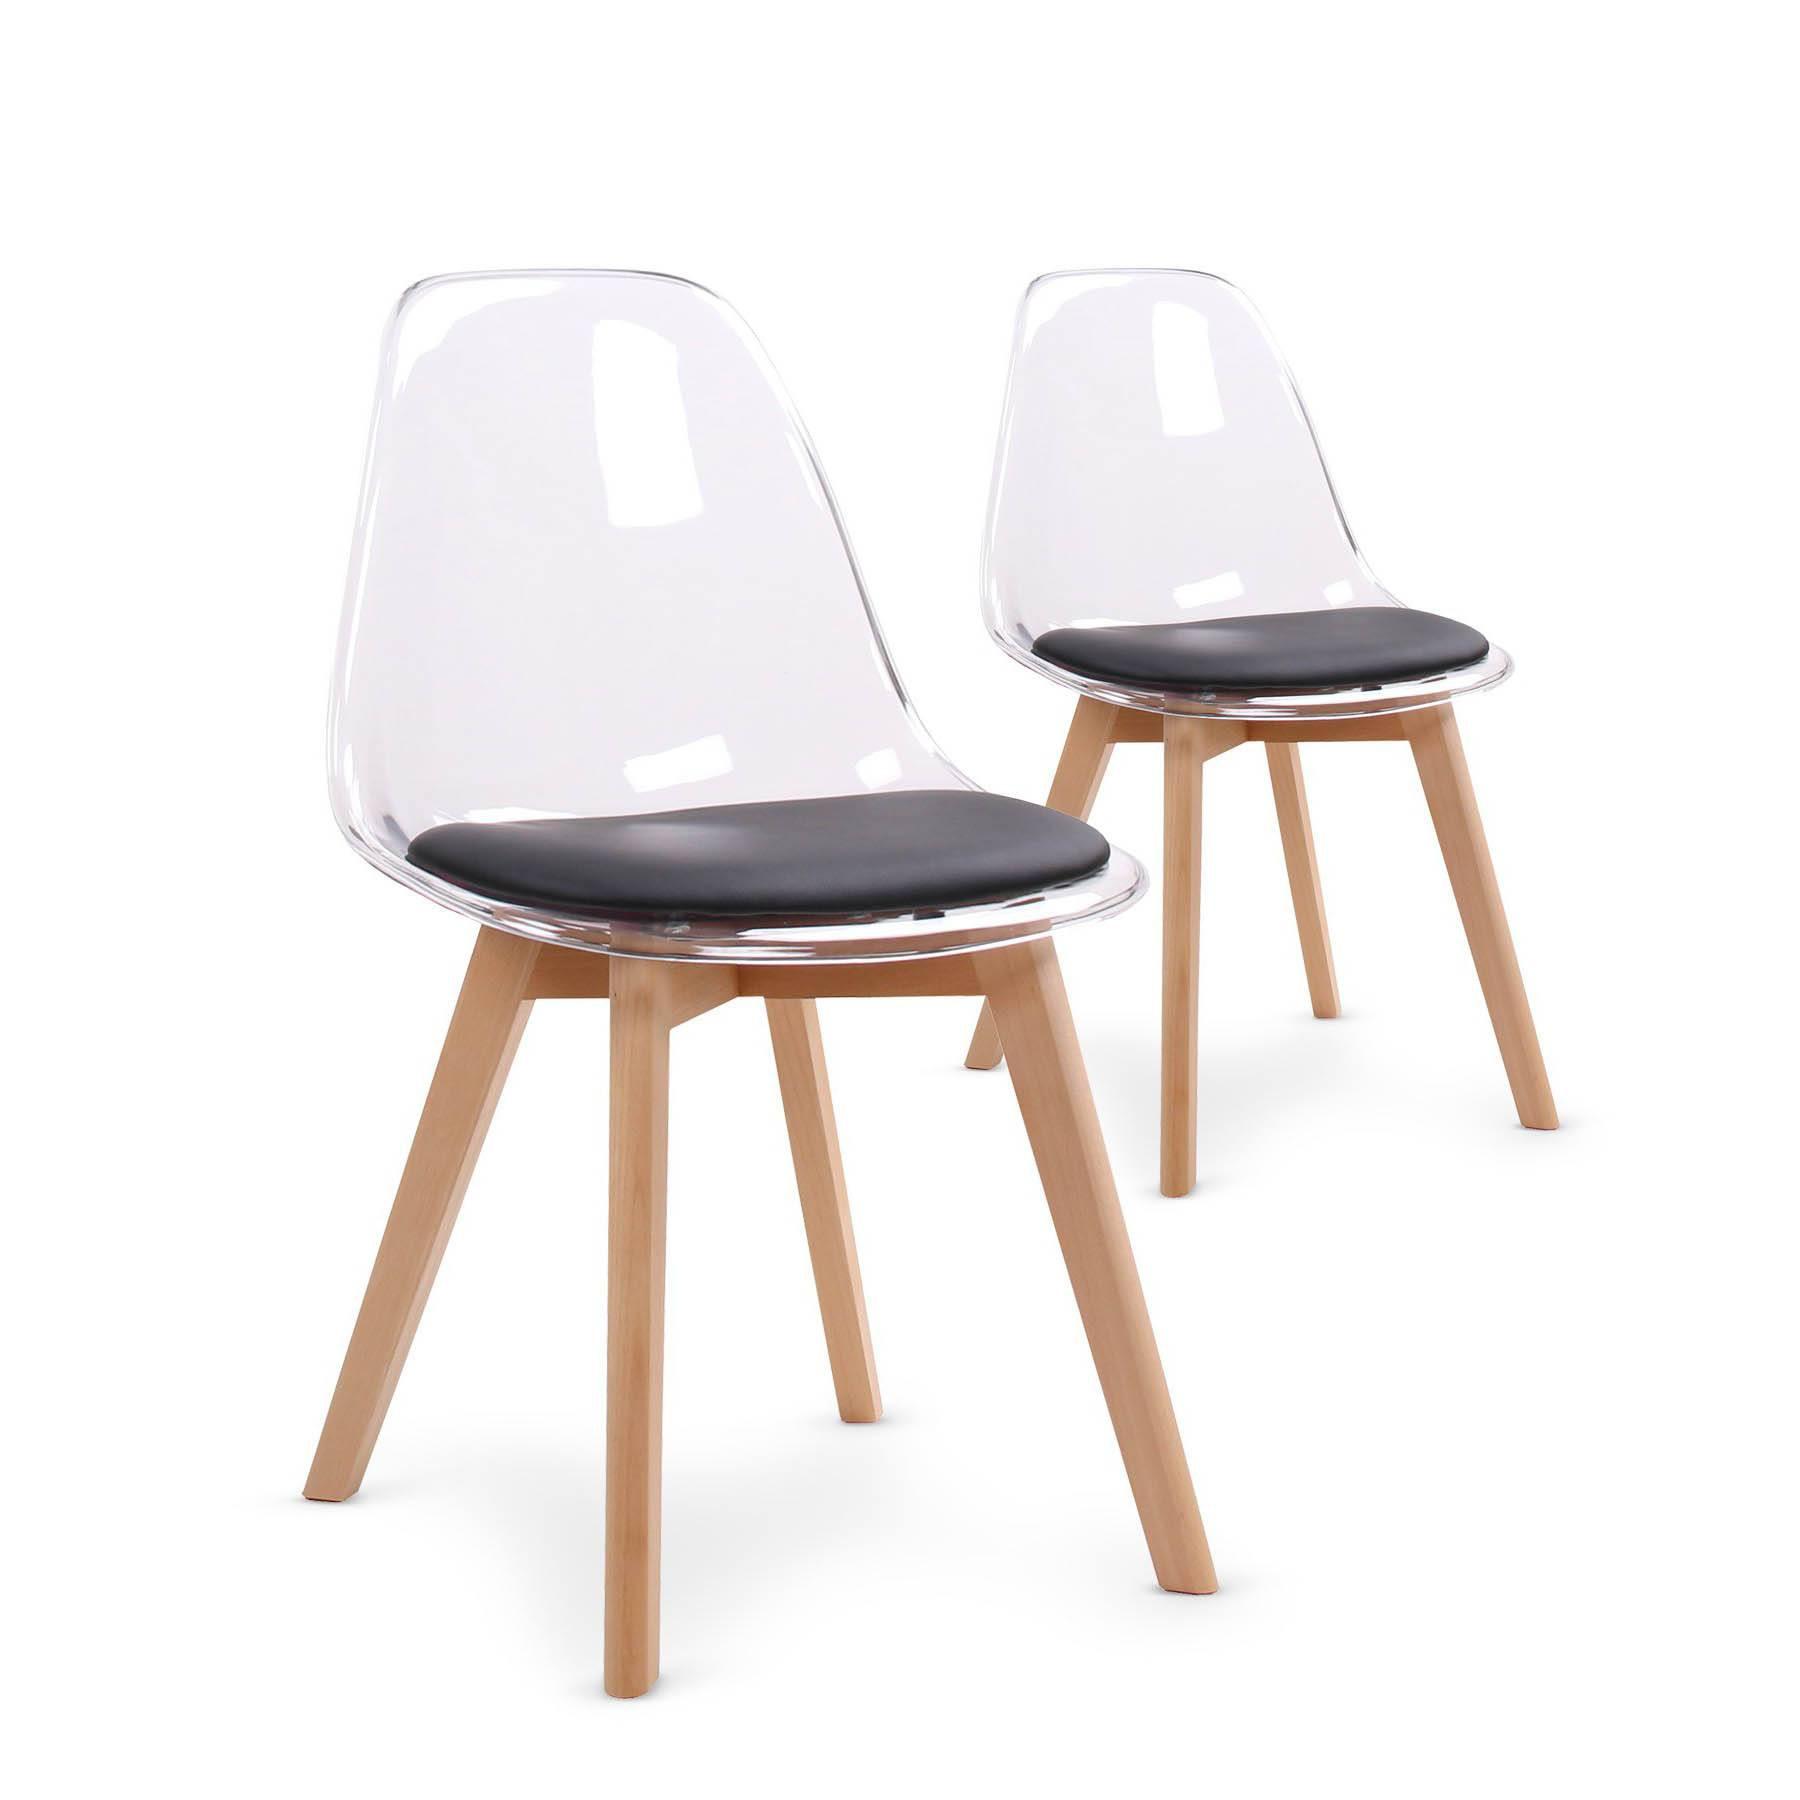 galette chaise scandinave id es d 39 images la maison. Black Bedroom Furniture Sets. Home Design Ideas